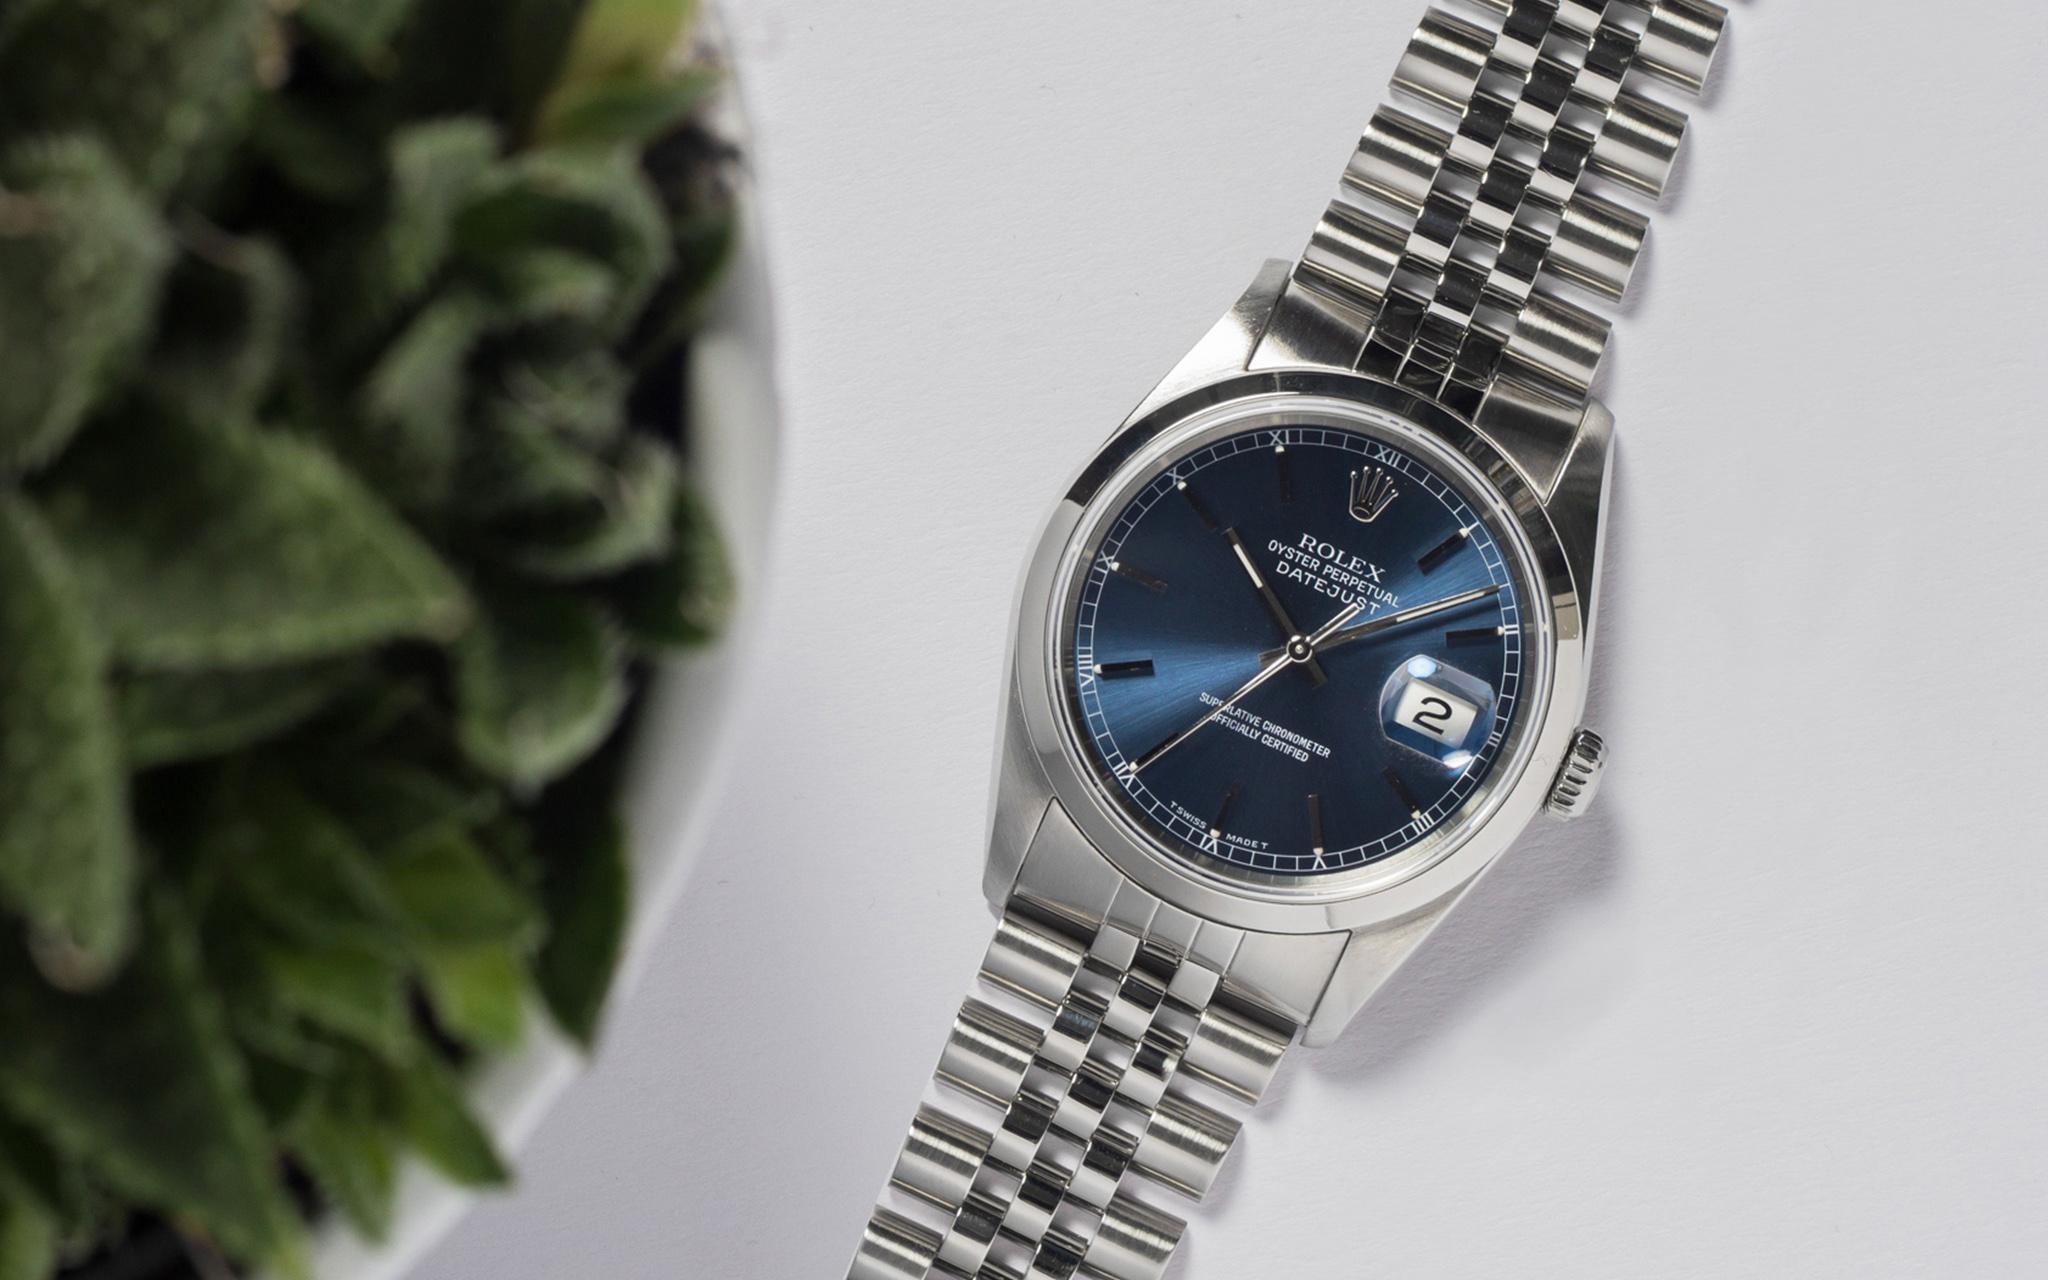 Watch-Works Haarlem Rolex horloge sfeerfoto naast plant